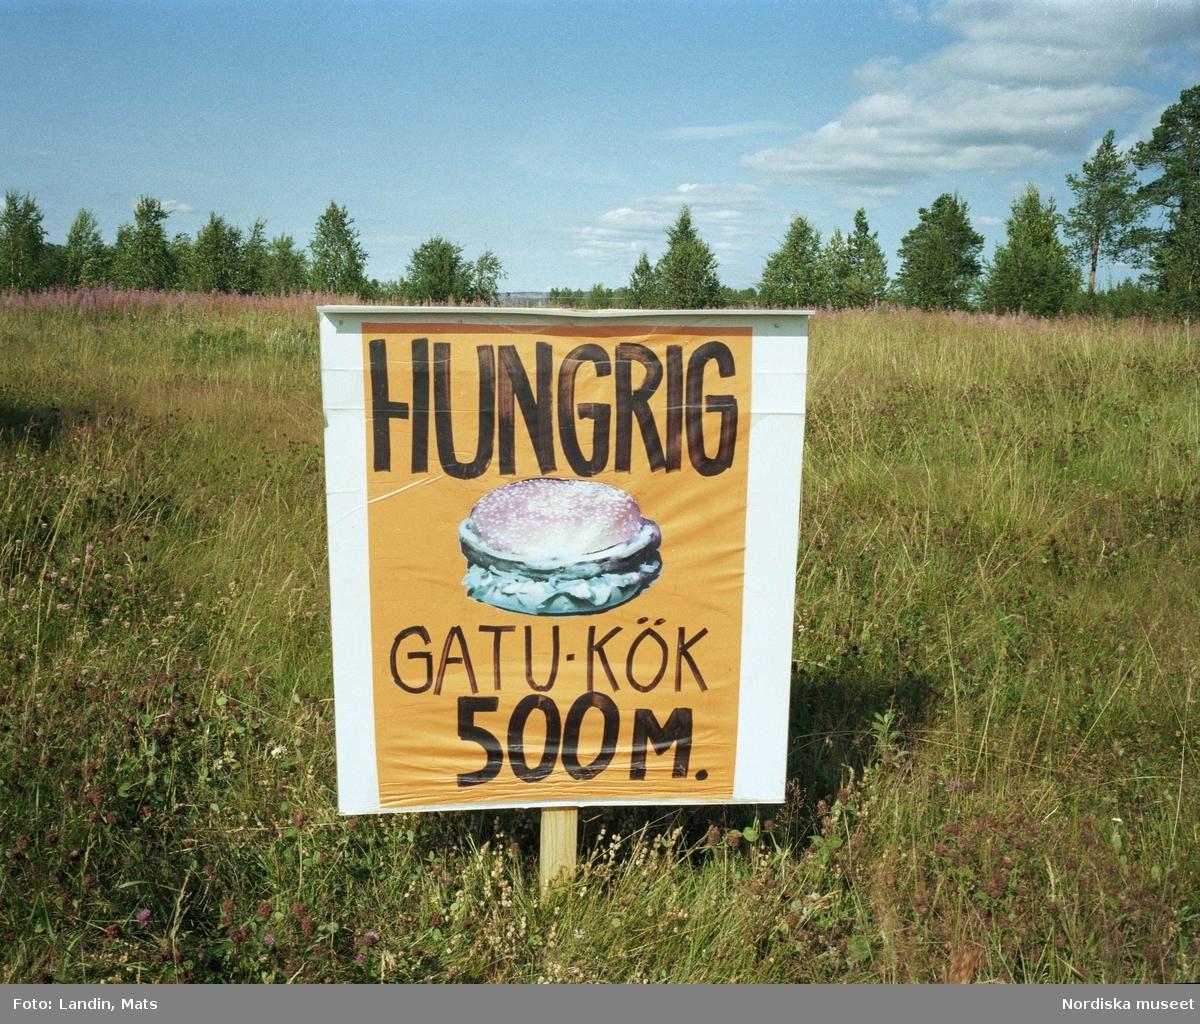 """Reklamskylt för hamburgare med texten: """"Hungrig – Gatu-kök 500 m."""" Vilhelmina."""